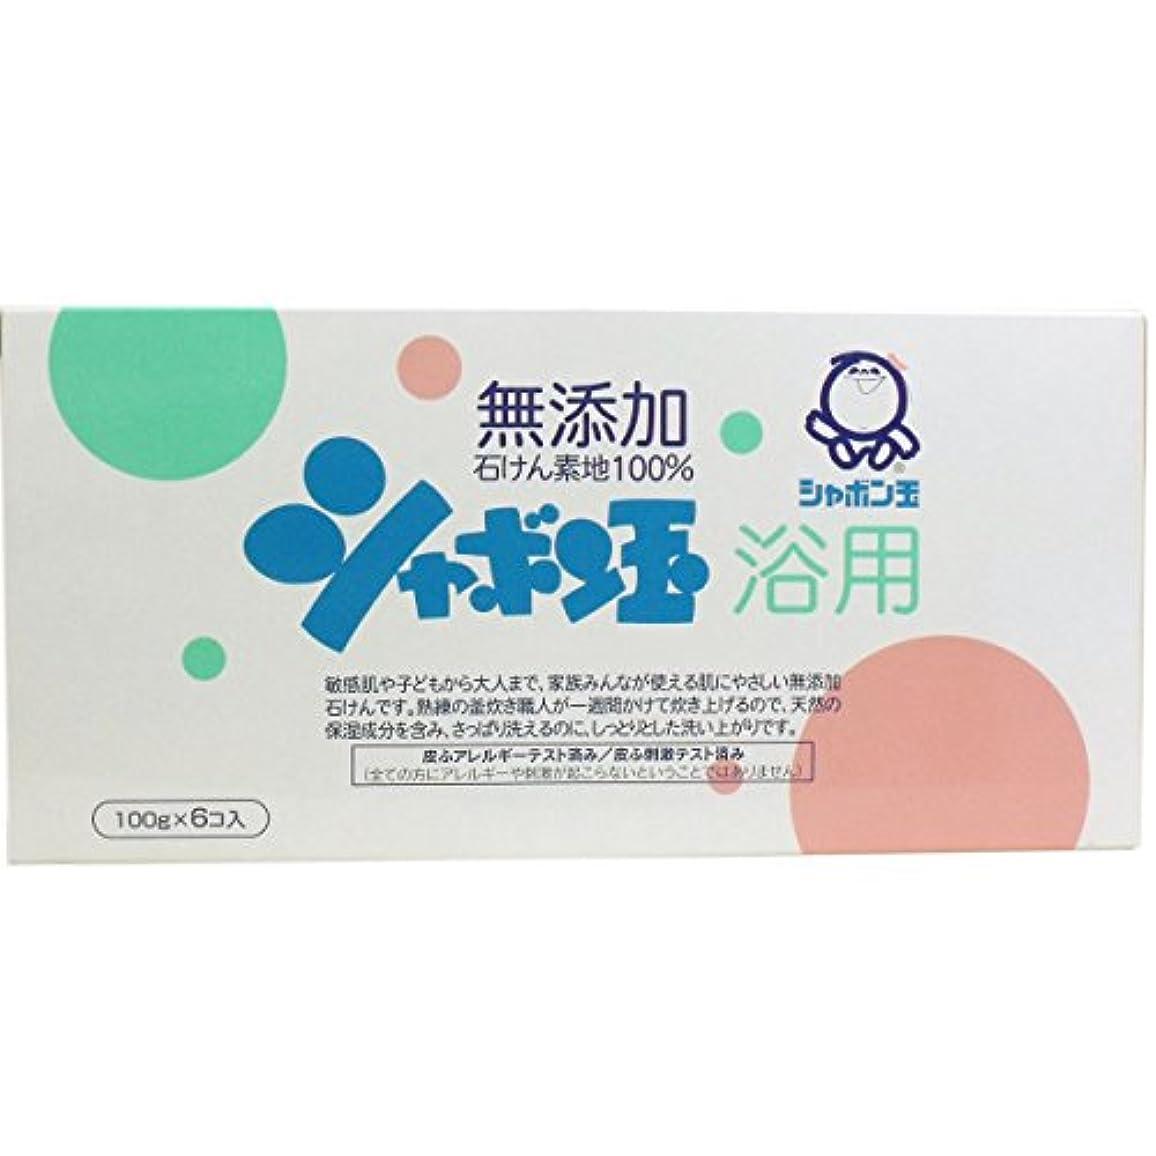 メタリック敵意ヤング【まとめ買い】化粧石けんシャボン玉浴用 6個入 ×2セット